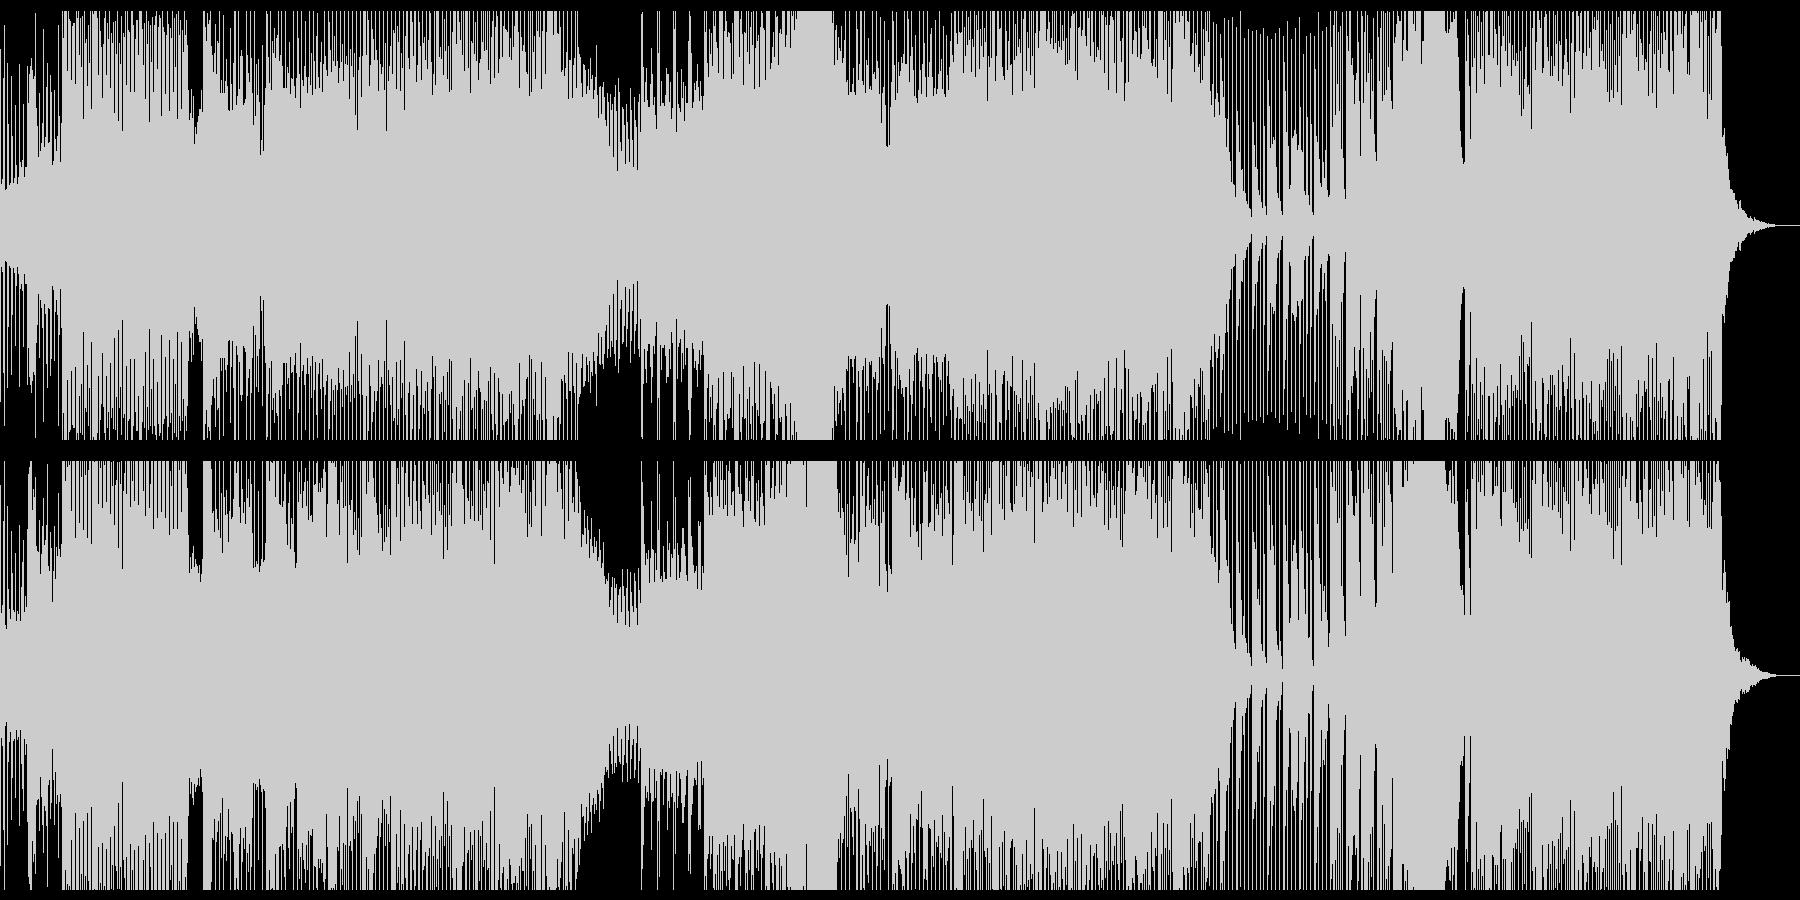 ゆるく流しておけるチル系DnBのBGMの未再生の波形